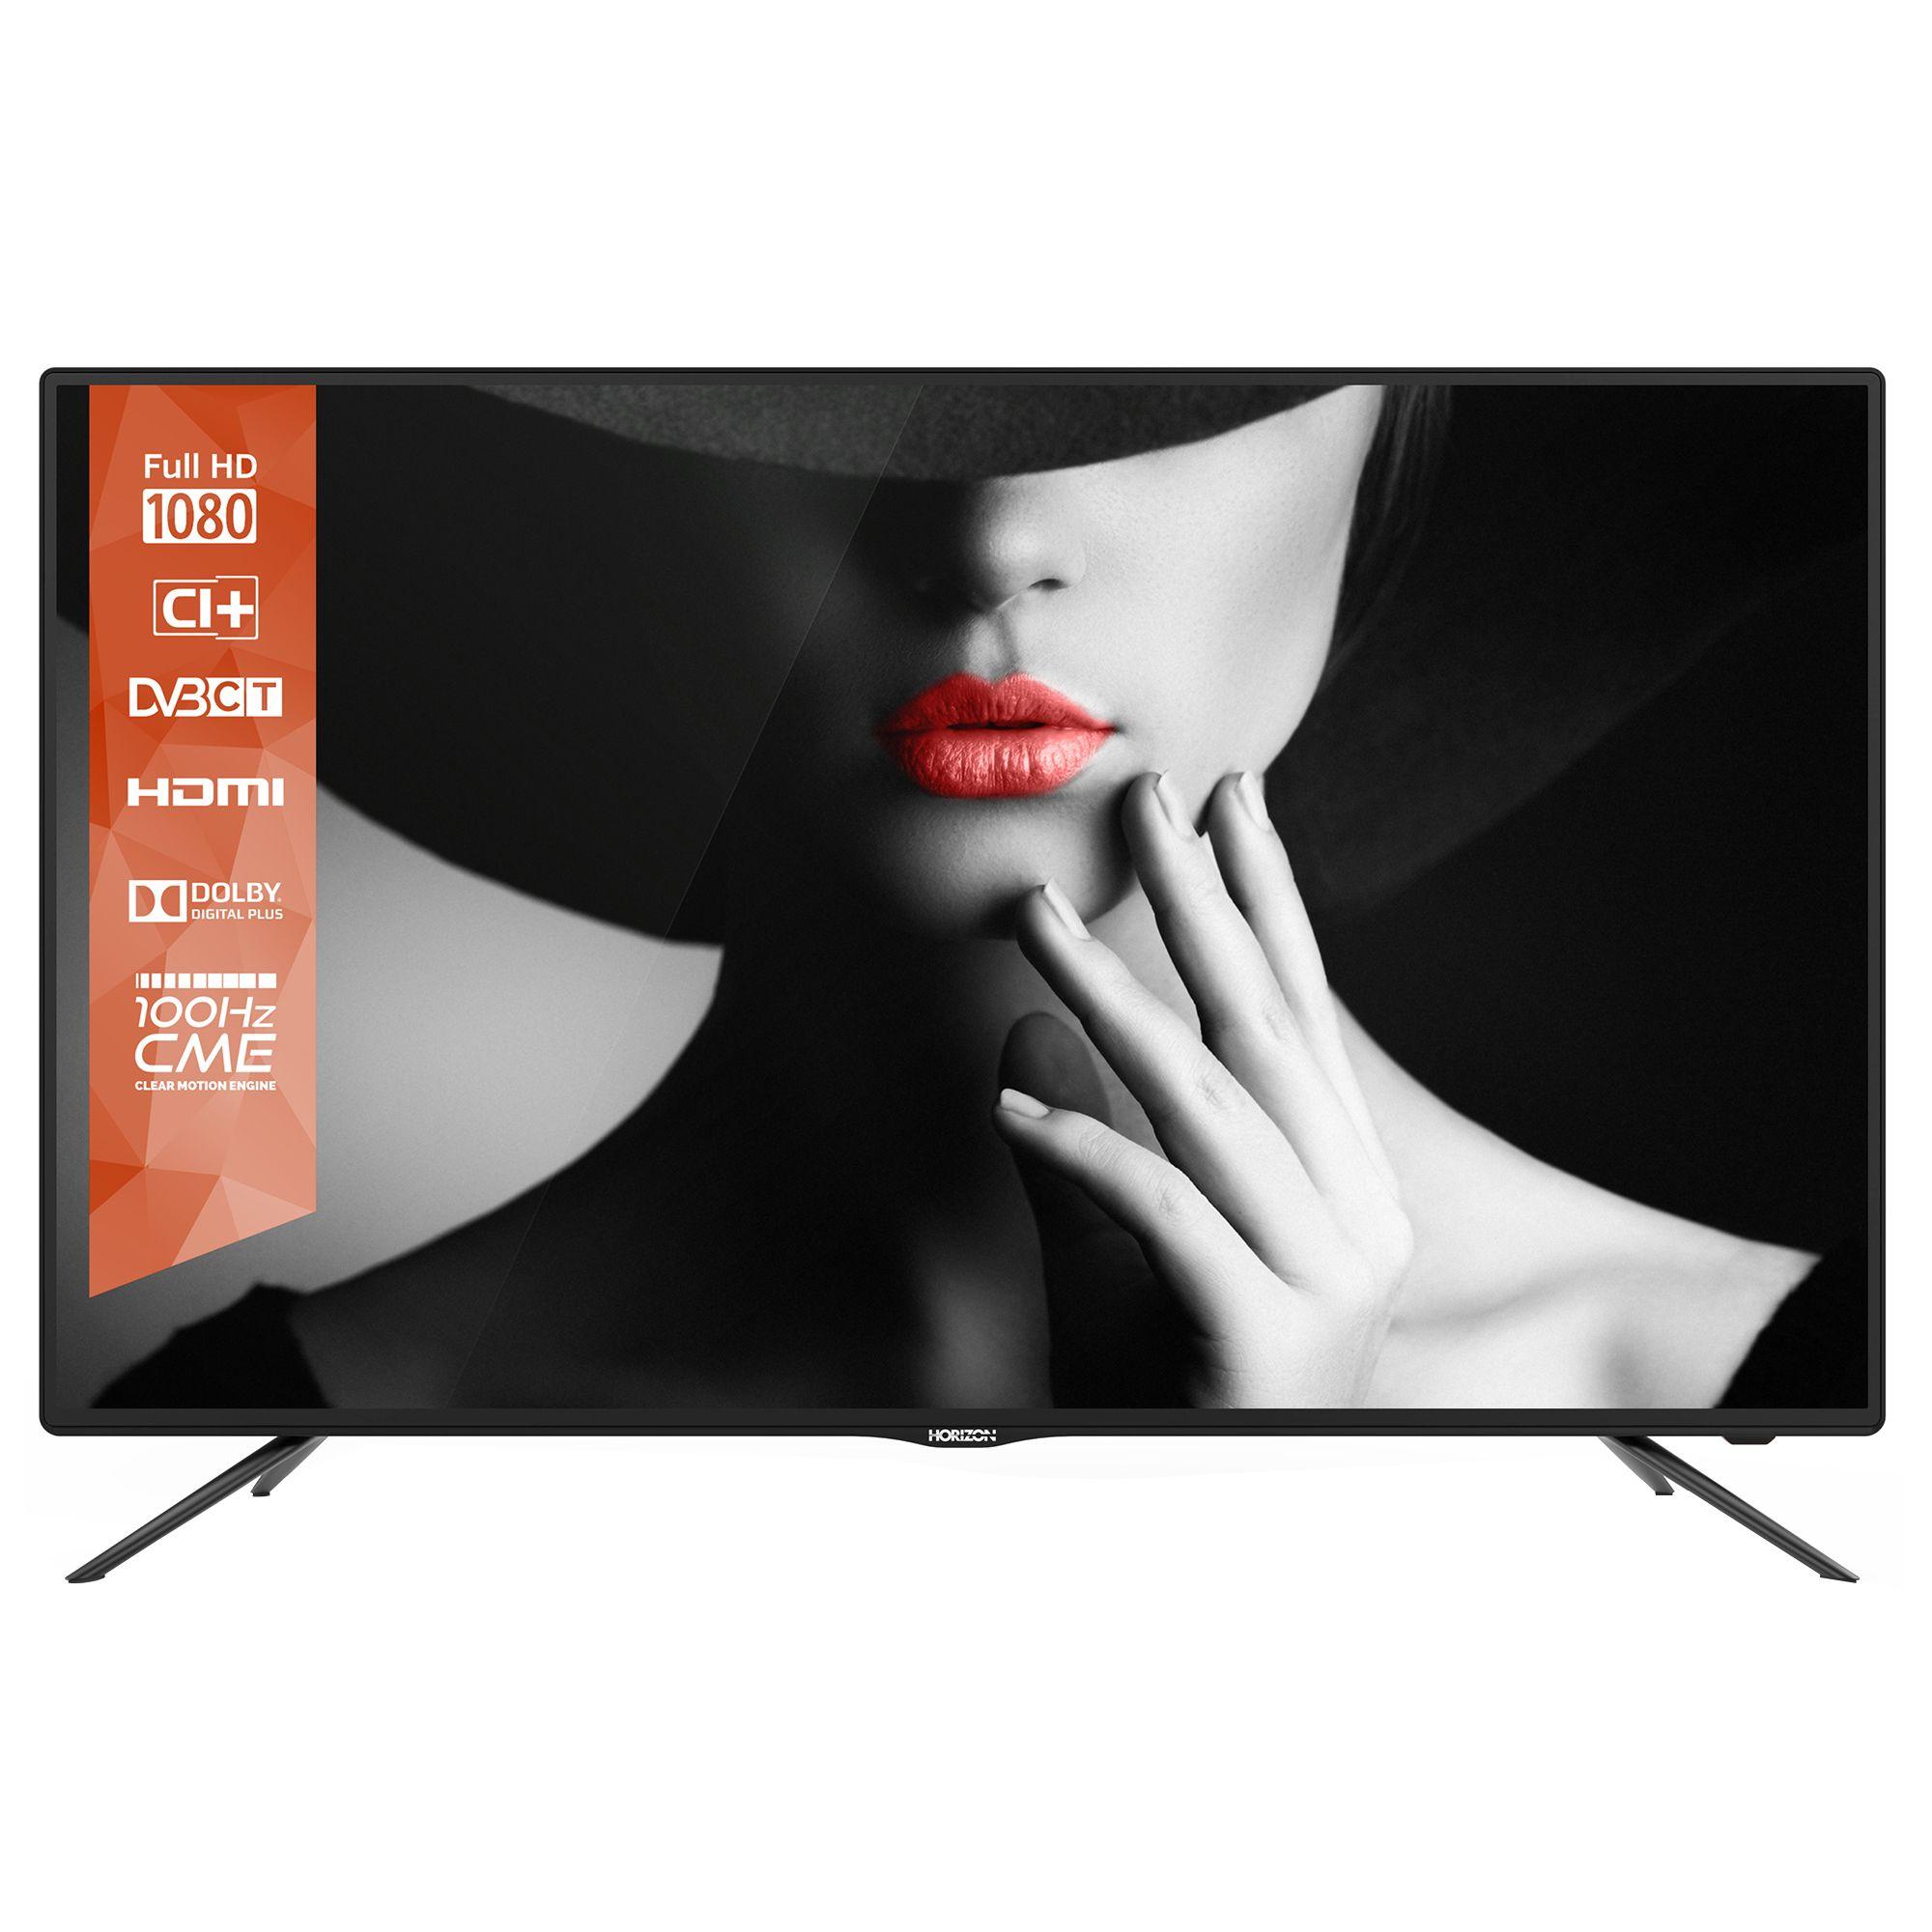 Televizor LED Horizon 43HL5320F 109cm Full HD Negru